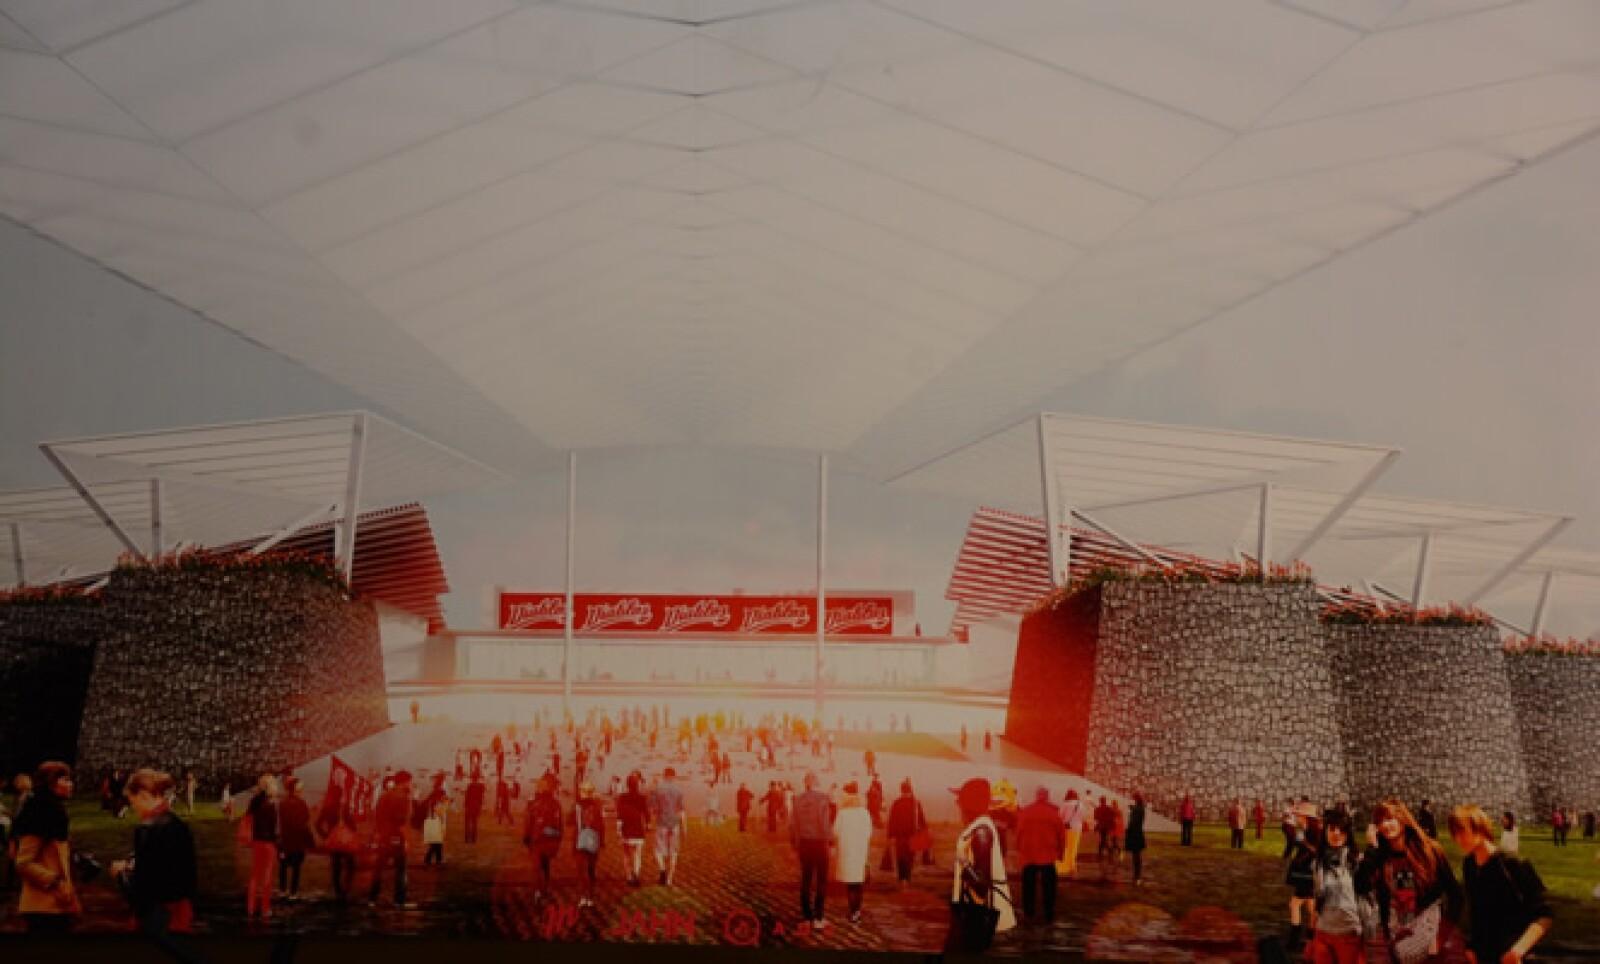 Este estadio será construido en 7 hectáreas de terreno, y albergará a más de 13,000 aficionados al béisbol.